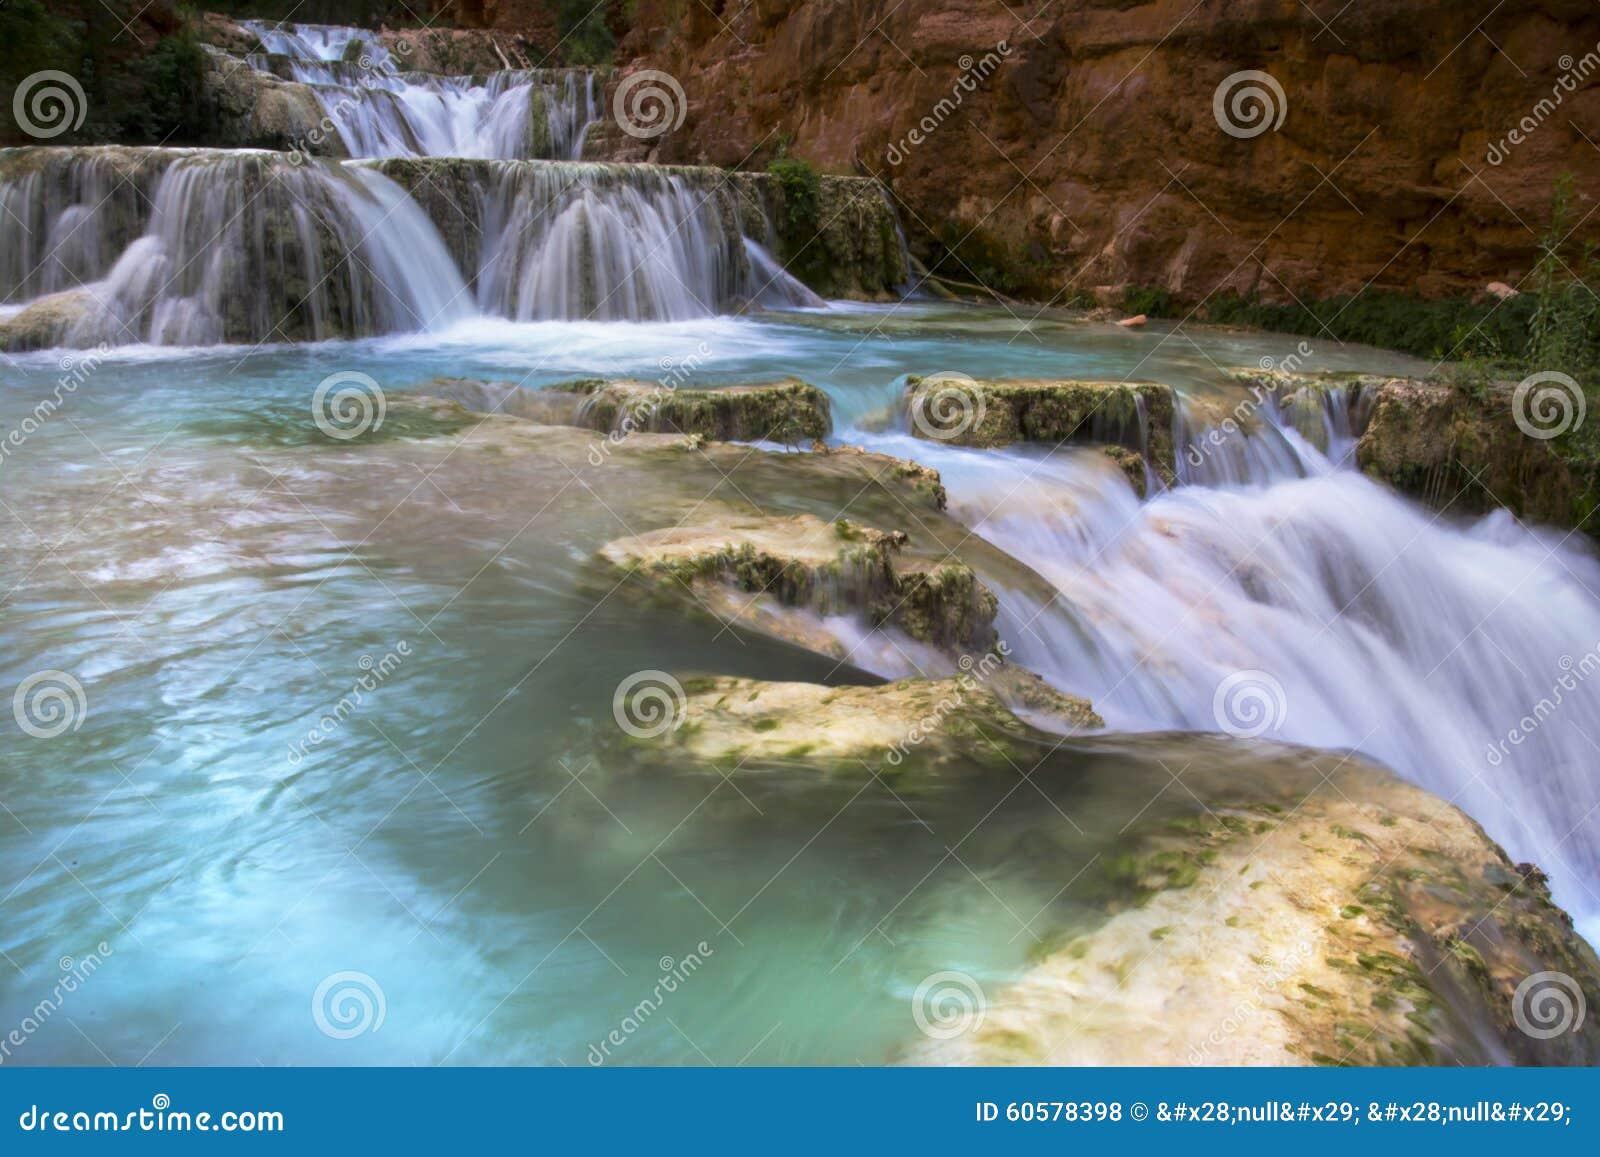 Waterfall along Havasu Creek